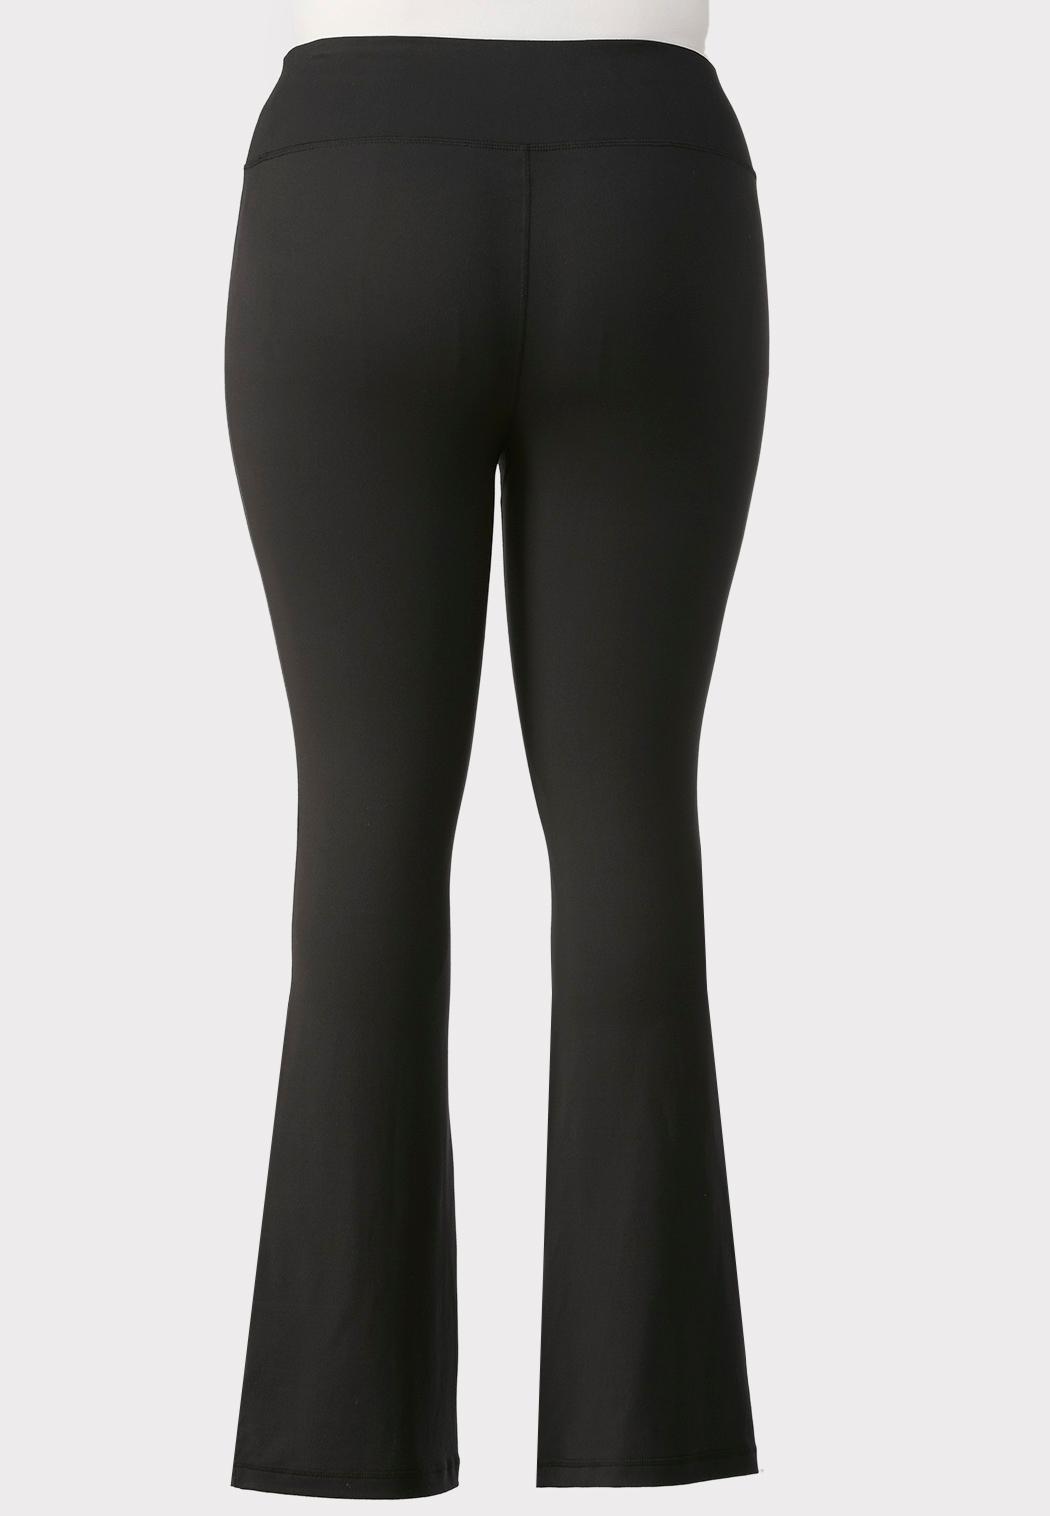 Plus Size Flare Leg Yoga Pants (Item #43964743)